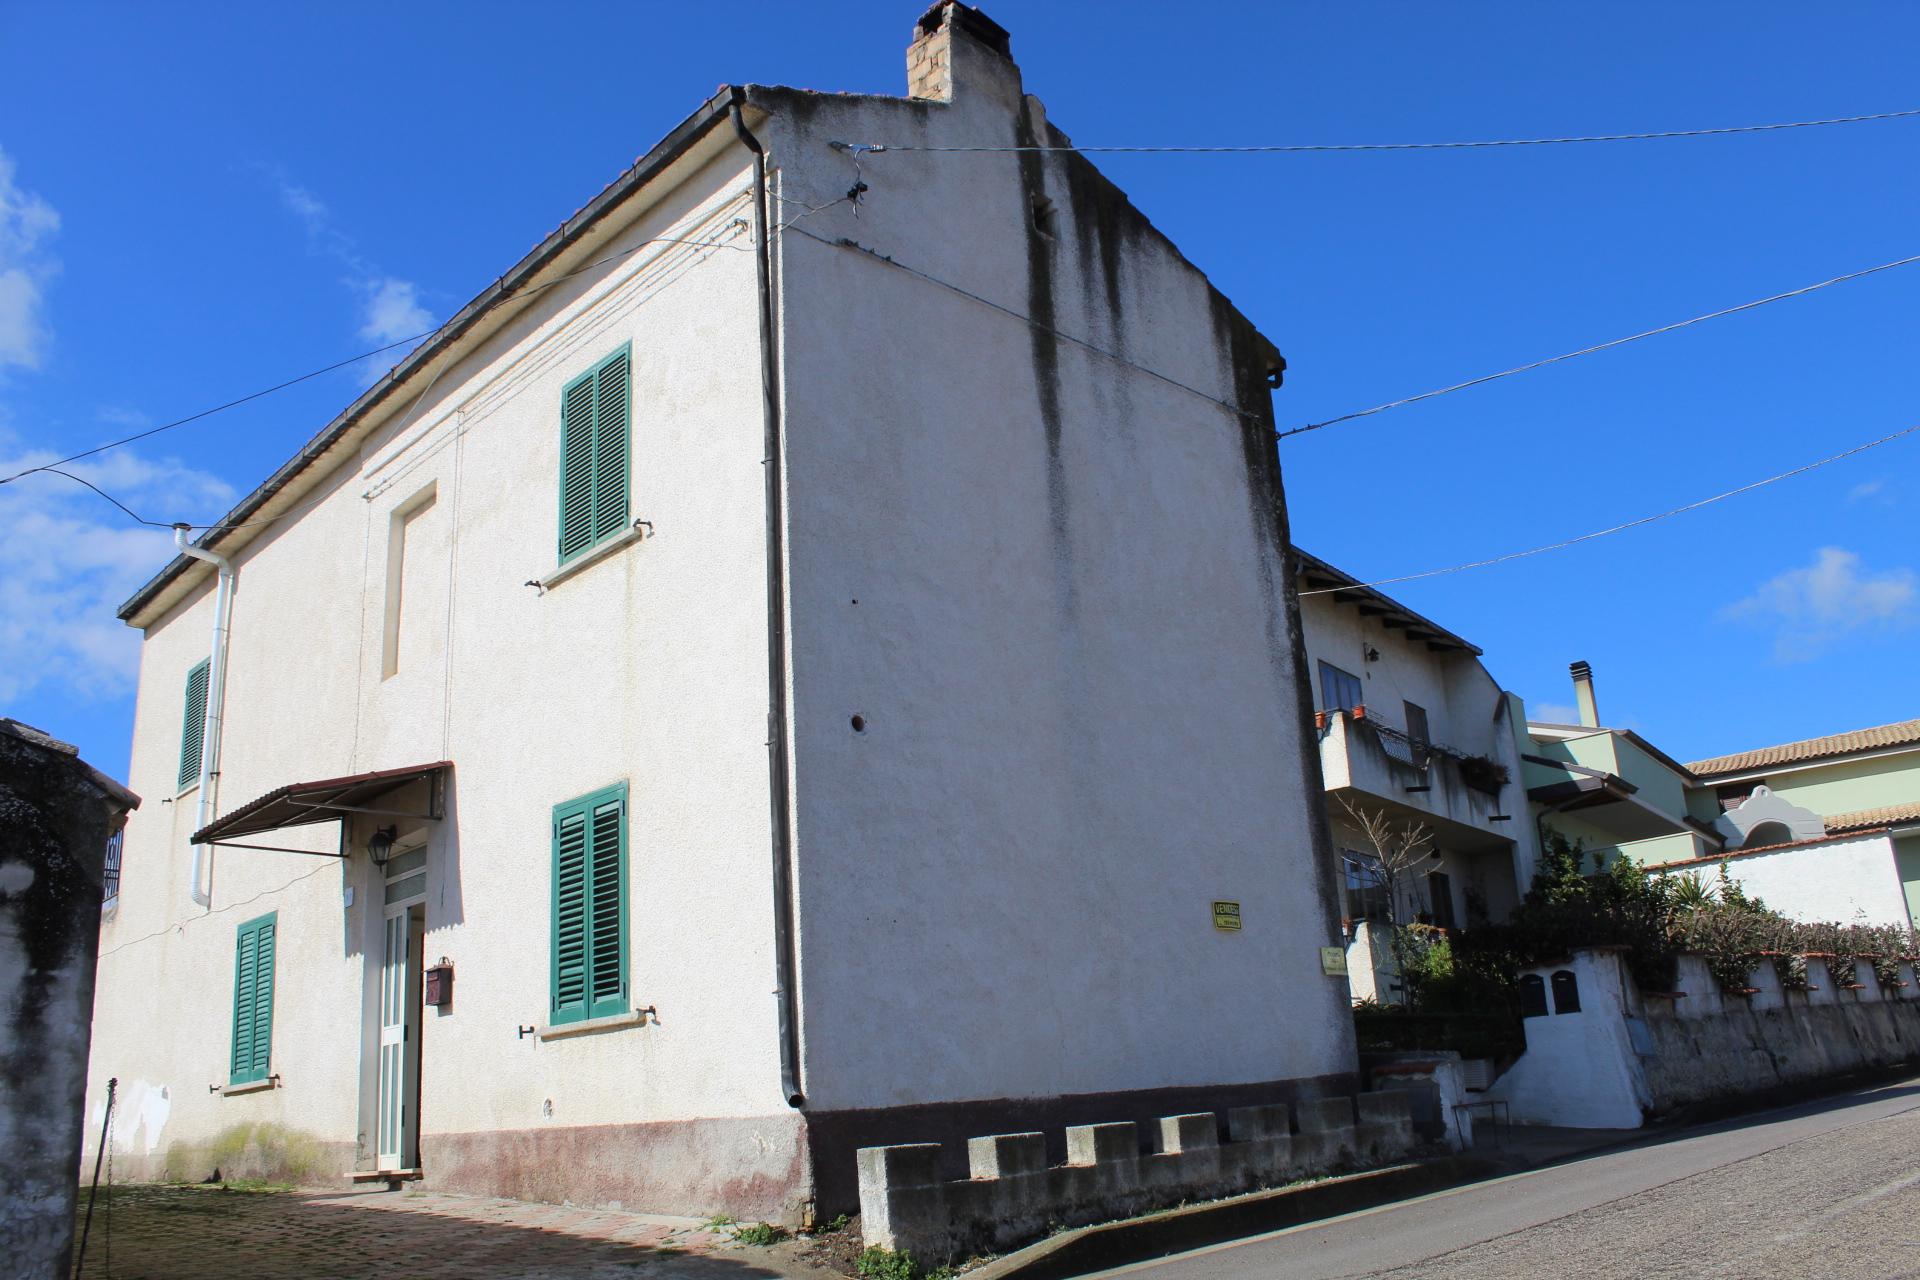 rif 1181 – Scerni (CH) – Abitazione con terrazzo e giardino – € 70.000